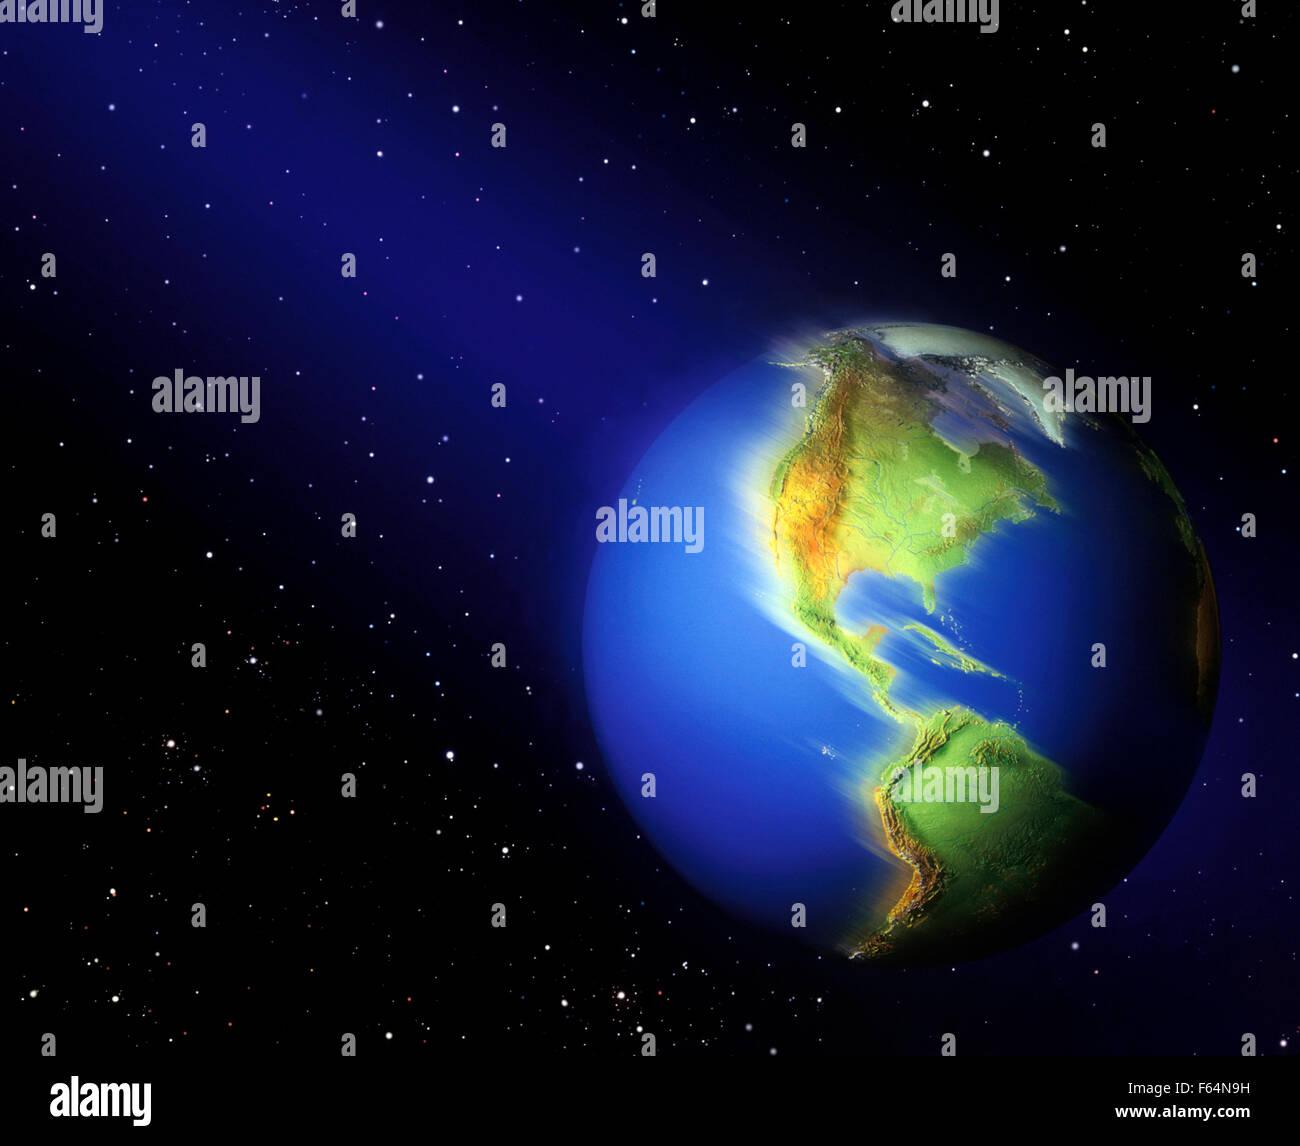 La filature de la terre parmi les étoiles dans l'espace Photo Stock